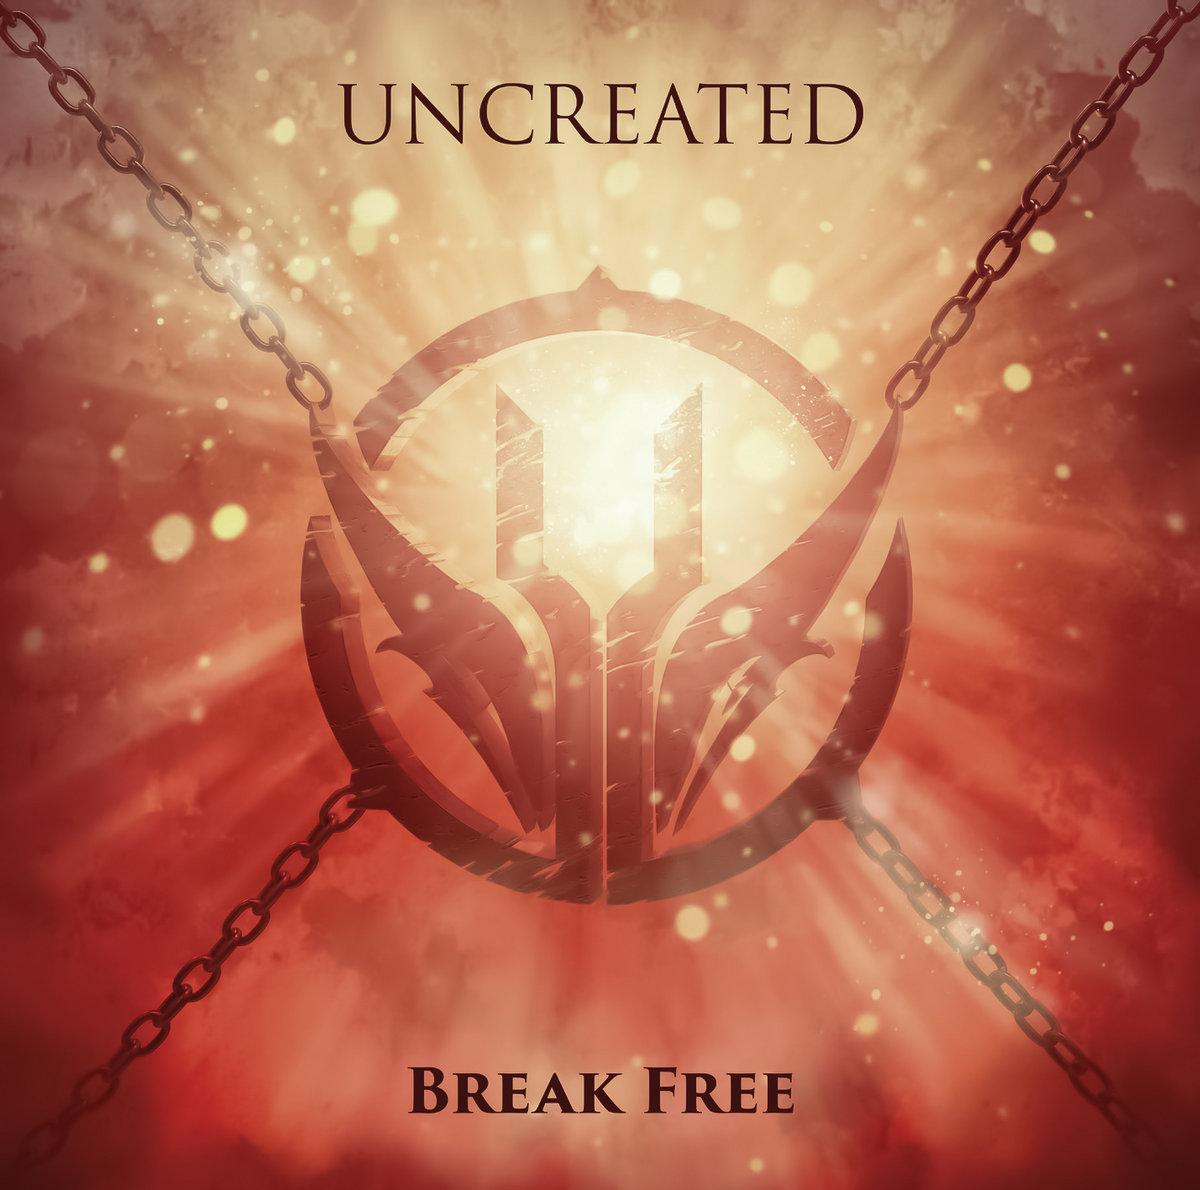 Uncreated - Break Free (2020) [FLAC] Download